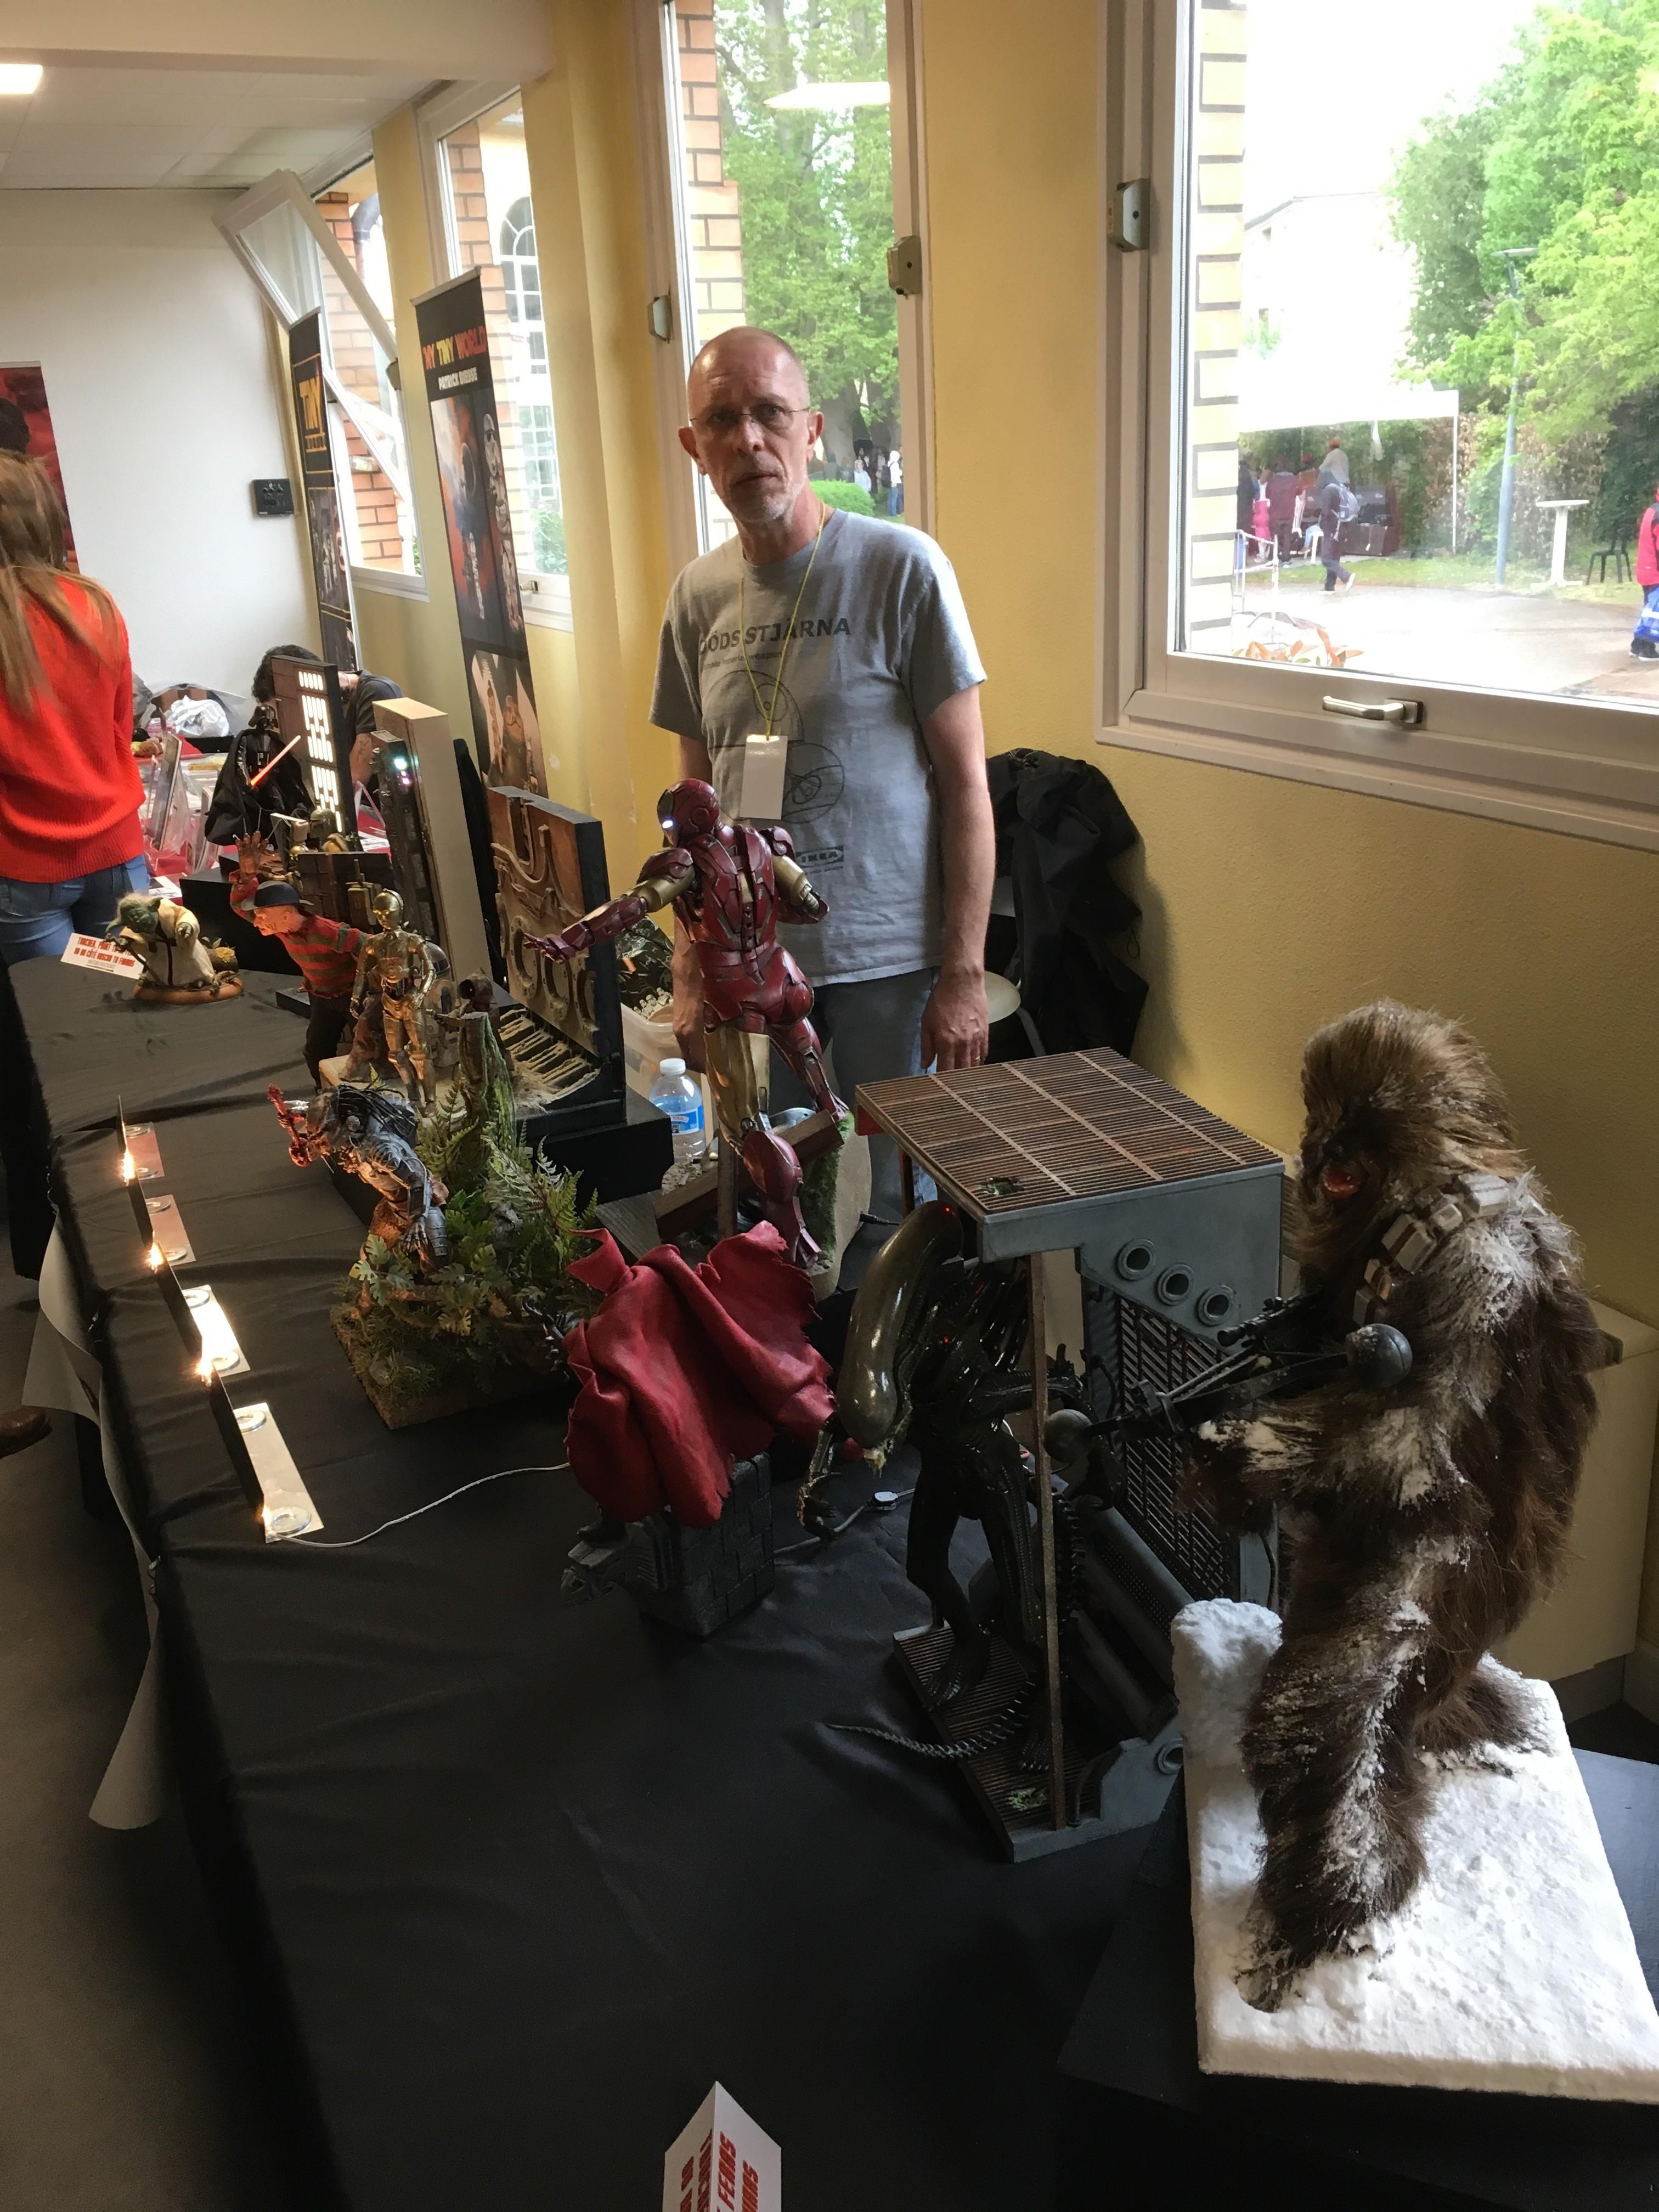 Générations Star Wars et SF 20ème édition - Cusset - 28 et 29 avril 2018 RO3ELe